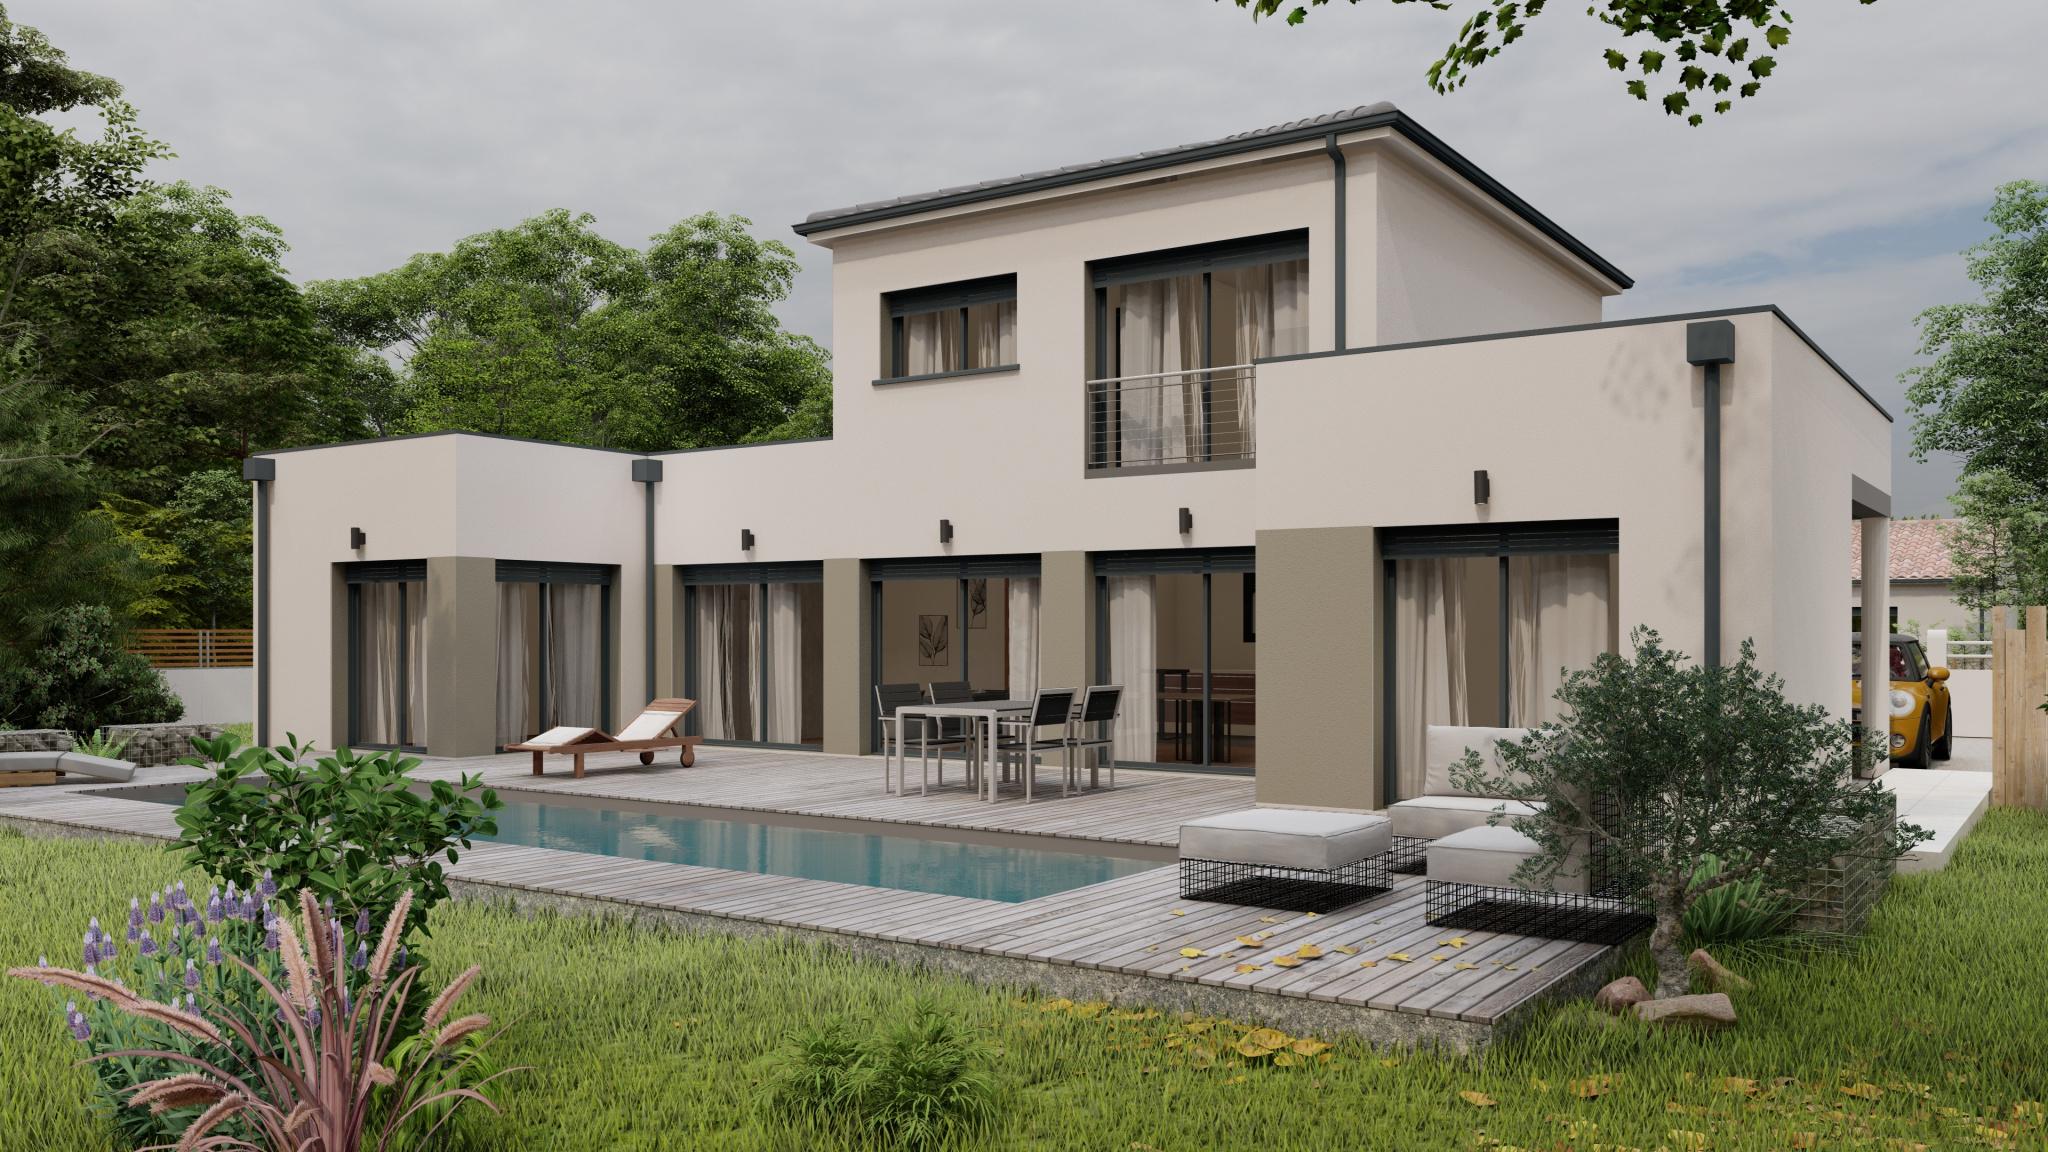 Vente maison à Montayral (47500) de 124 m2 habitable sur terrain de 1850 m2